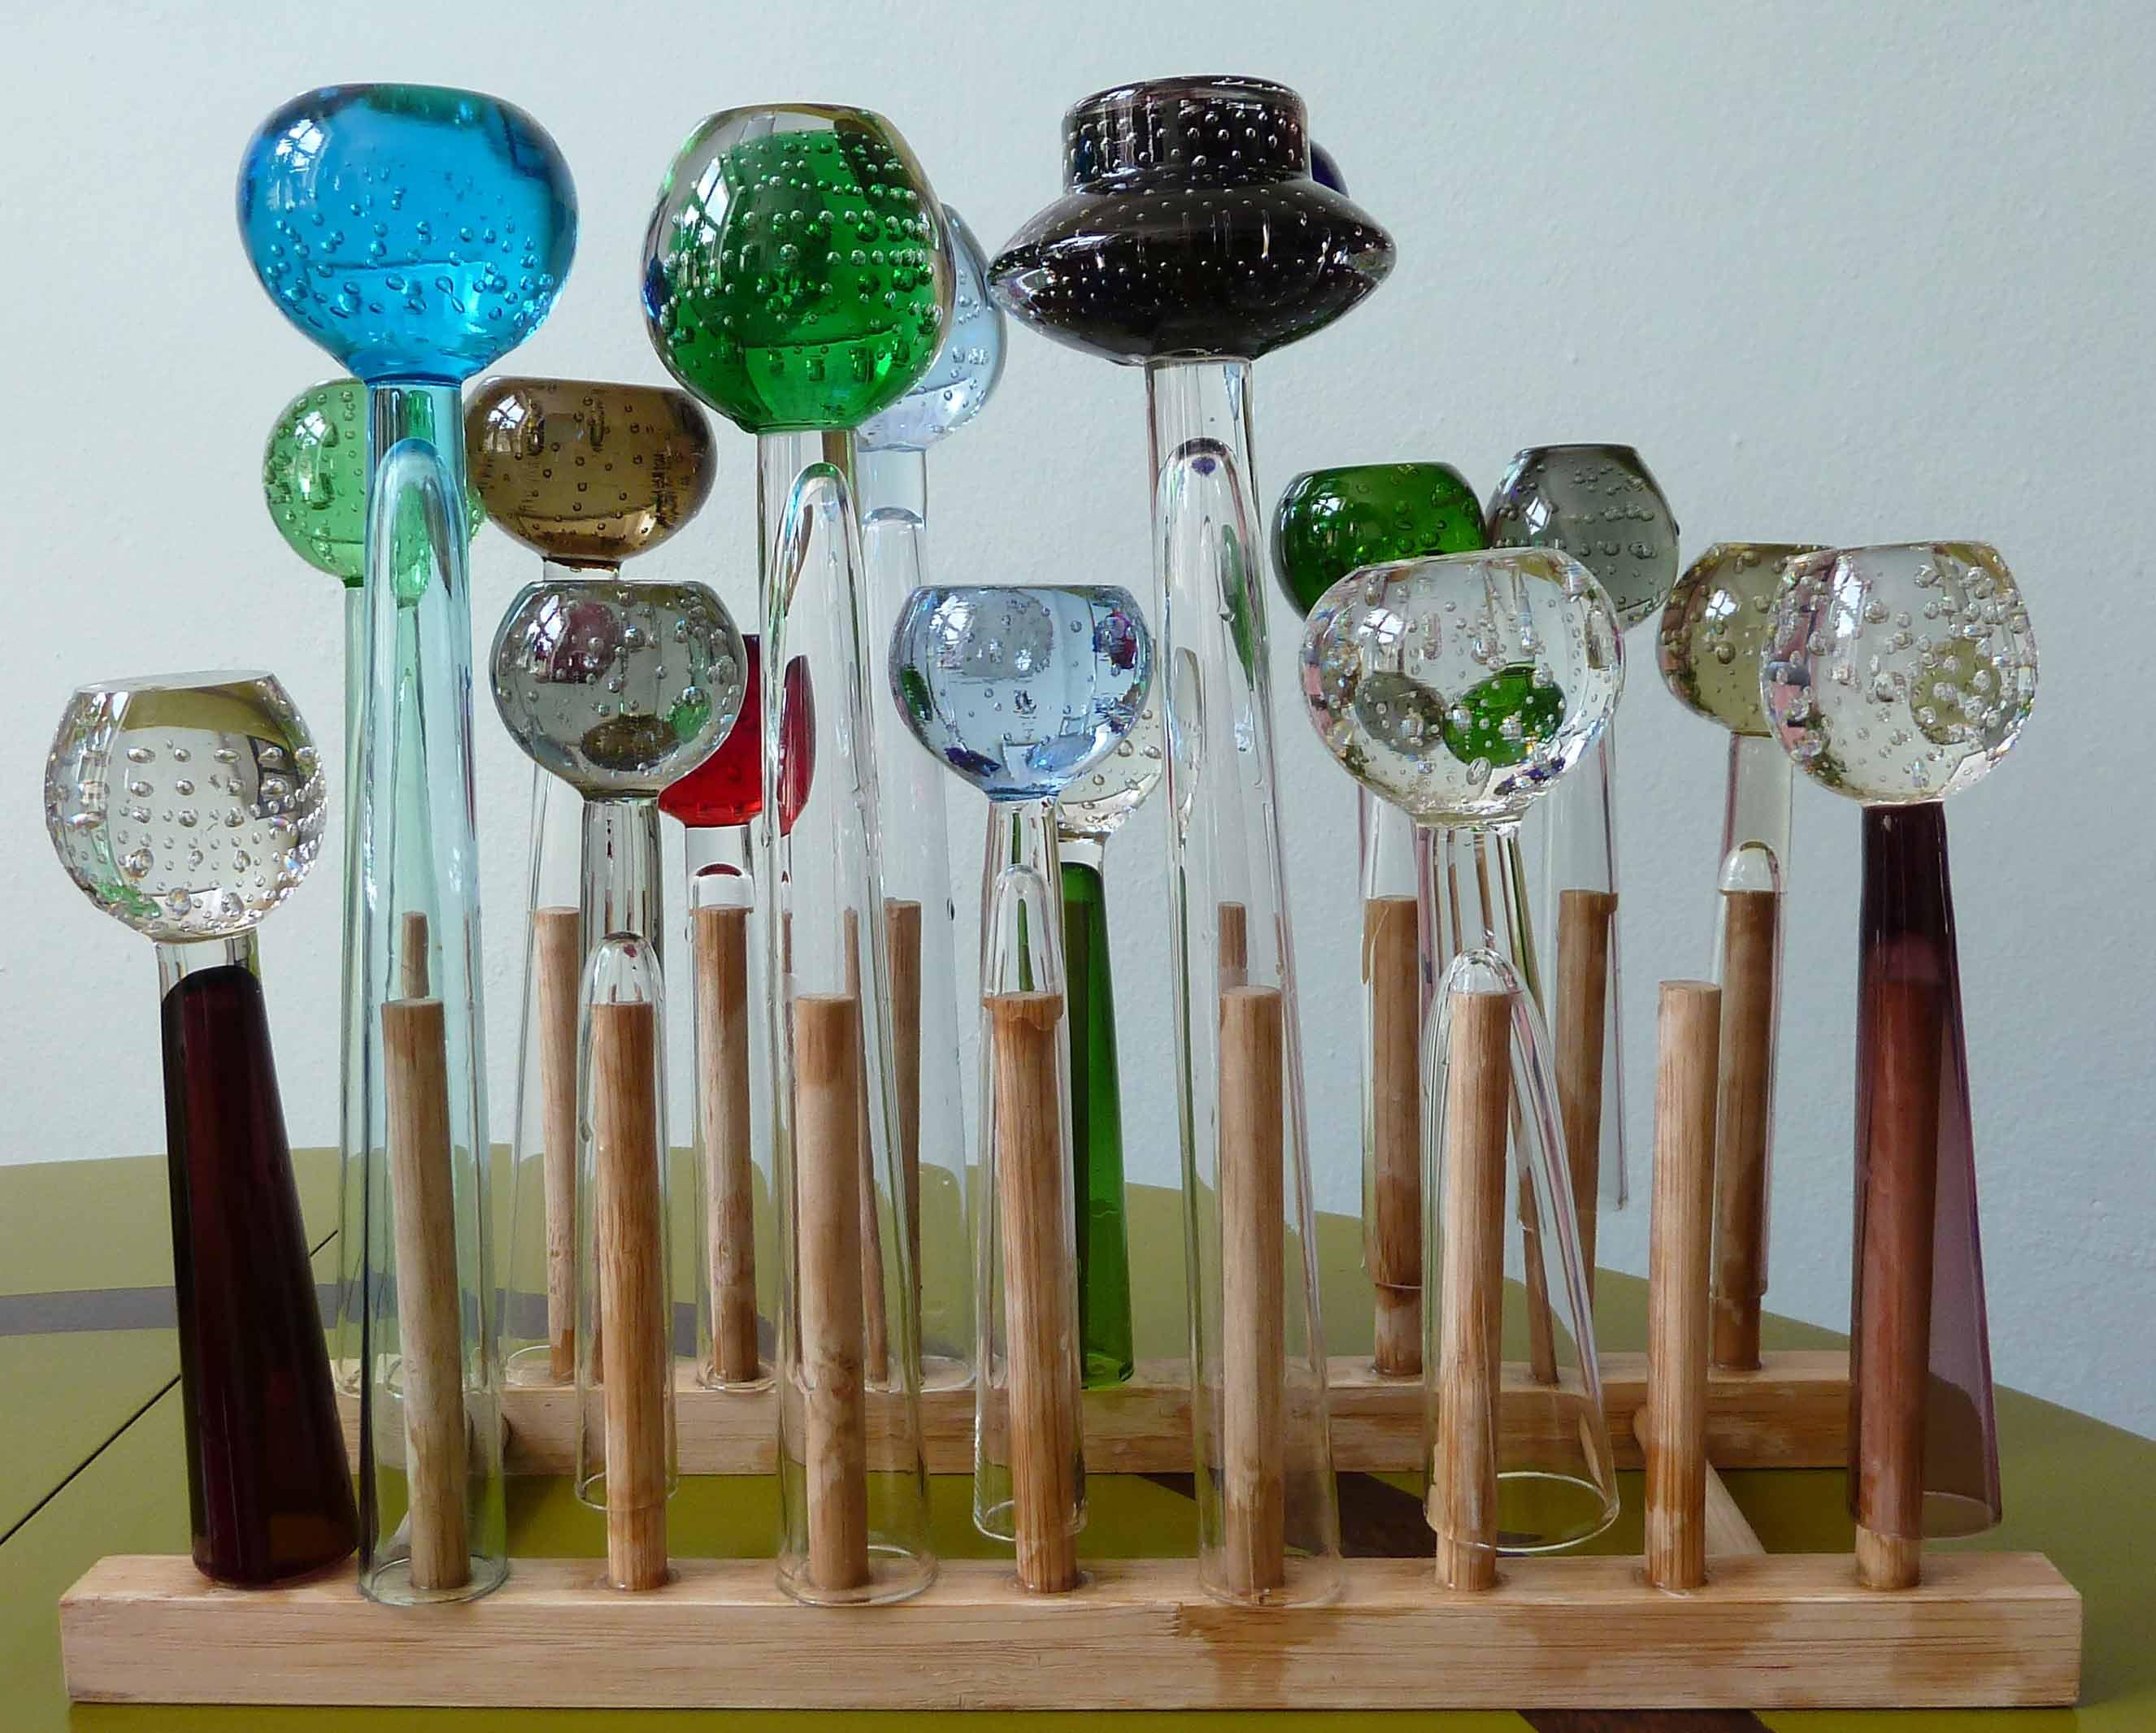 Sammlung der Glasvasen auf einem Trockner